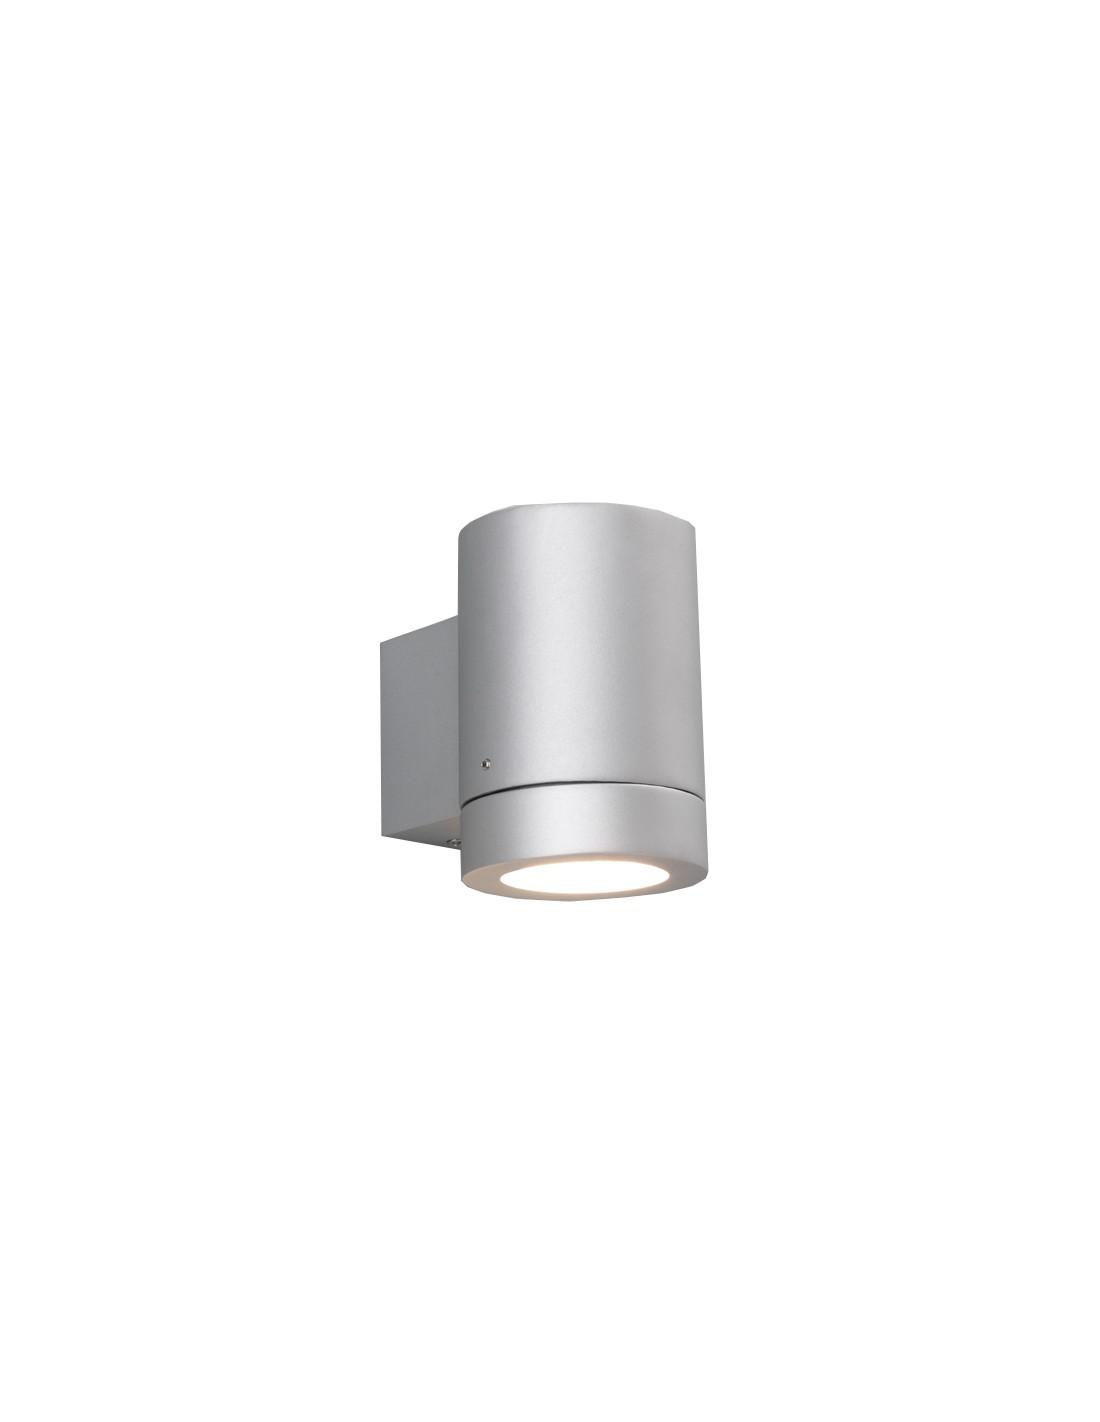 applique porto plus single argent astro lighting